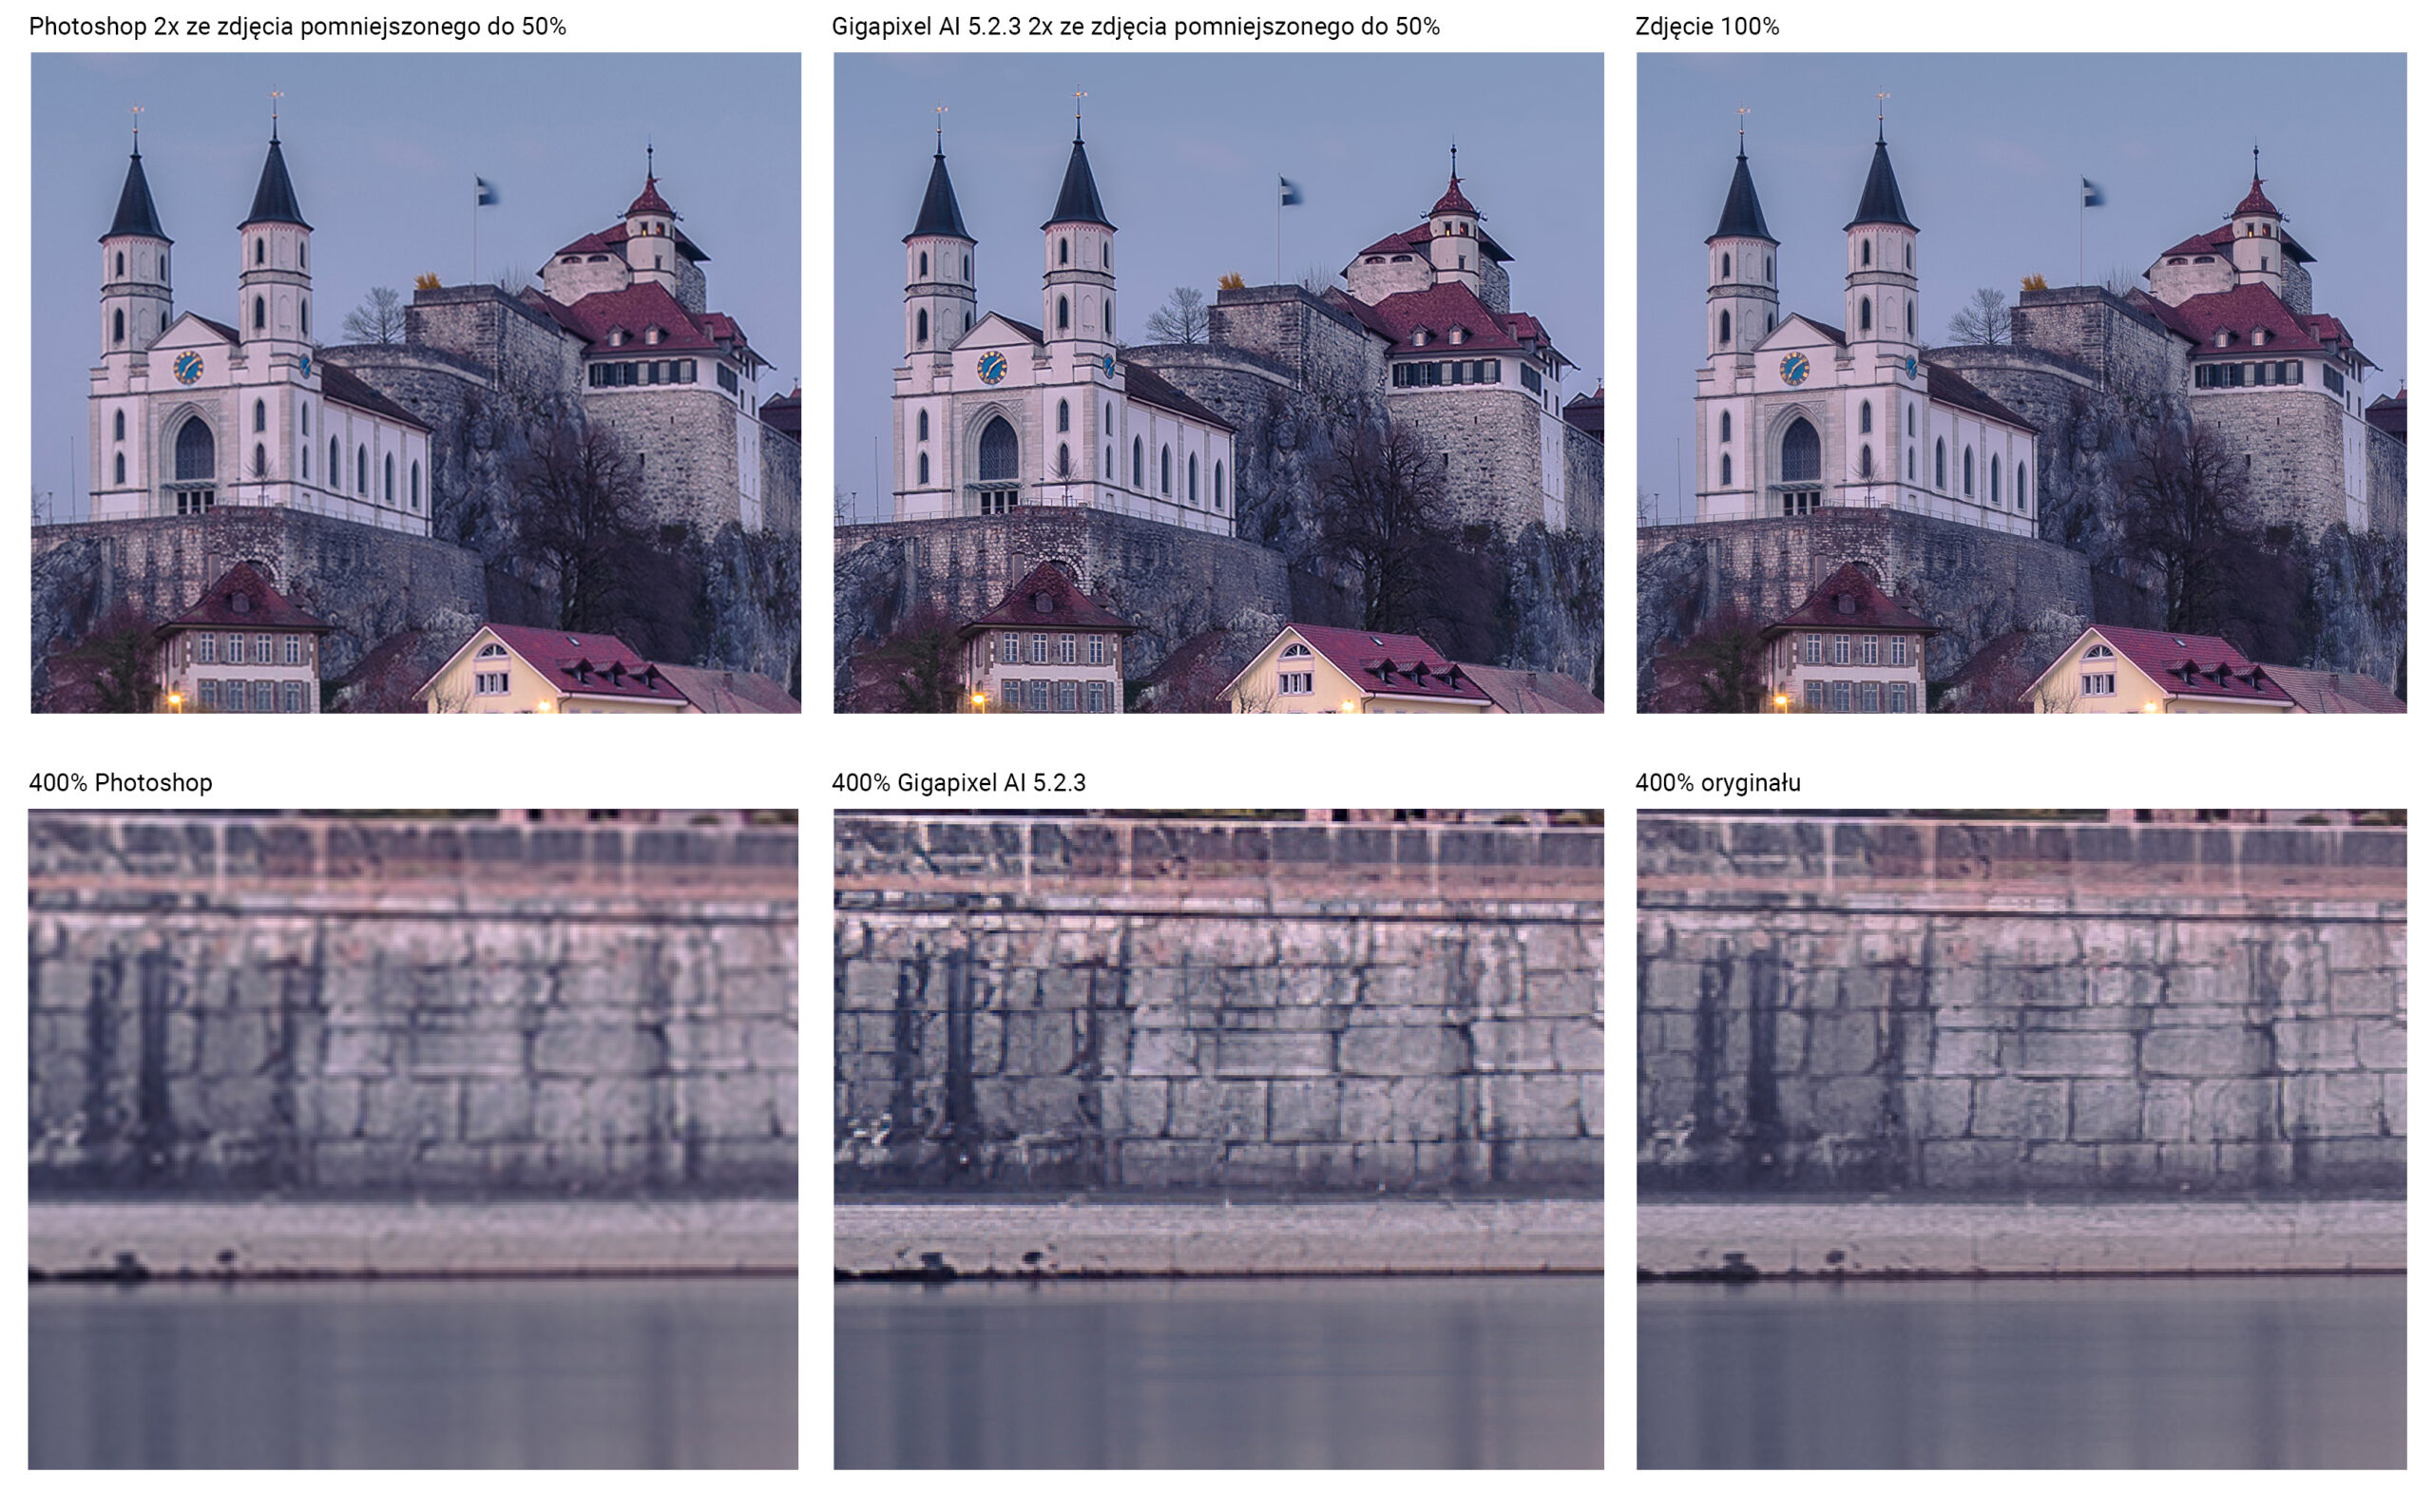 topaz labs gigapixel - zdjecie do porównania z photoshopem